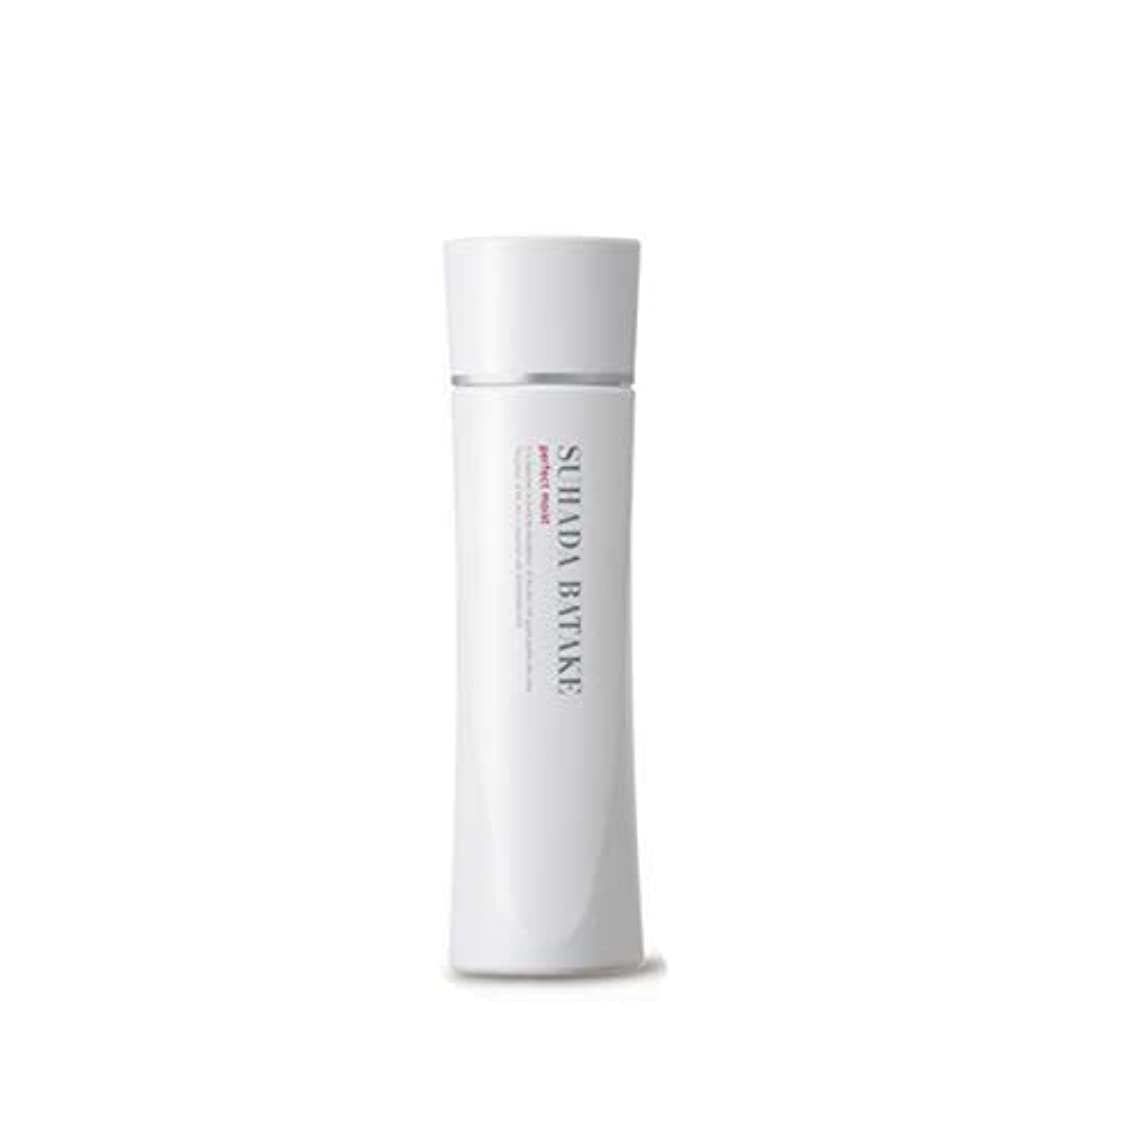 に対応する換気六分儀素肌畑 パーフェクト モイスト (美容化粧液)150ml